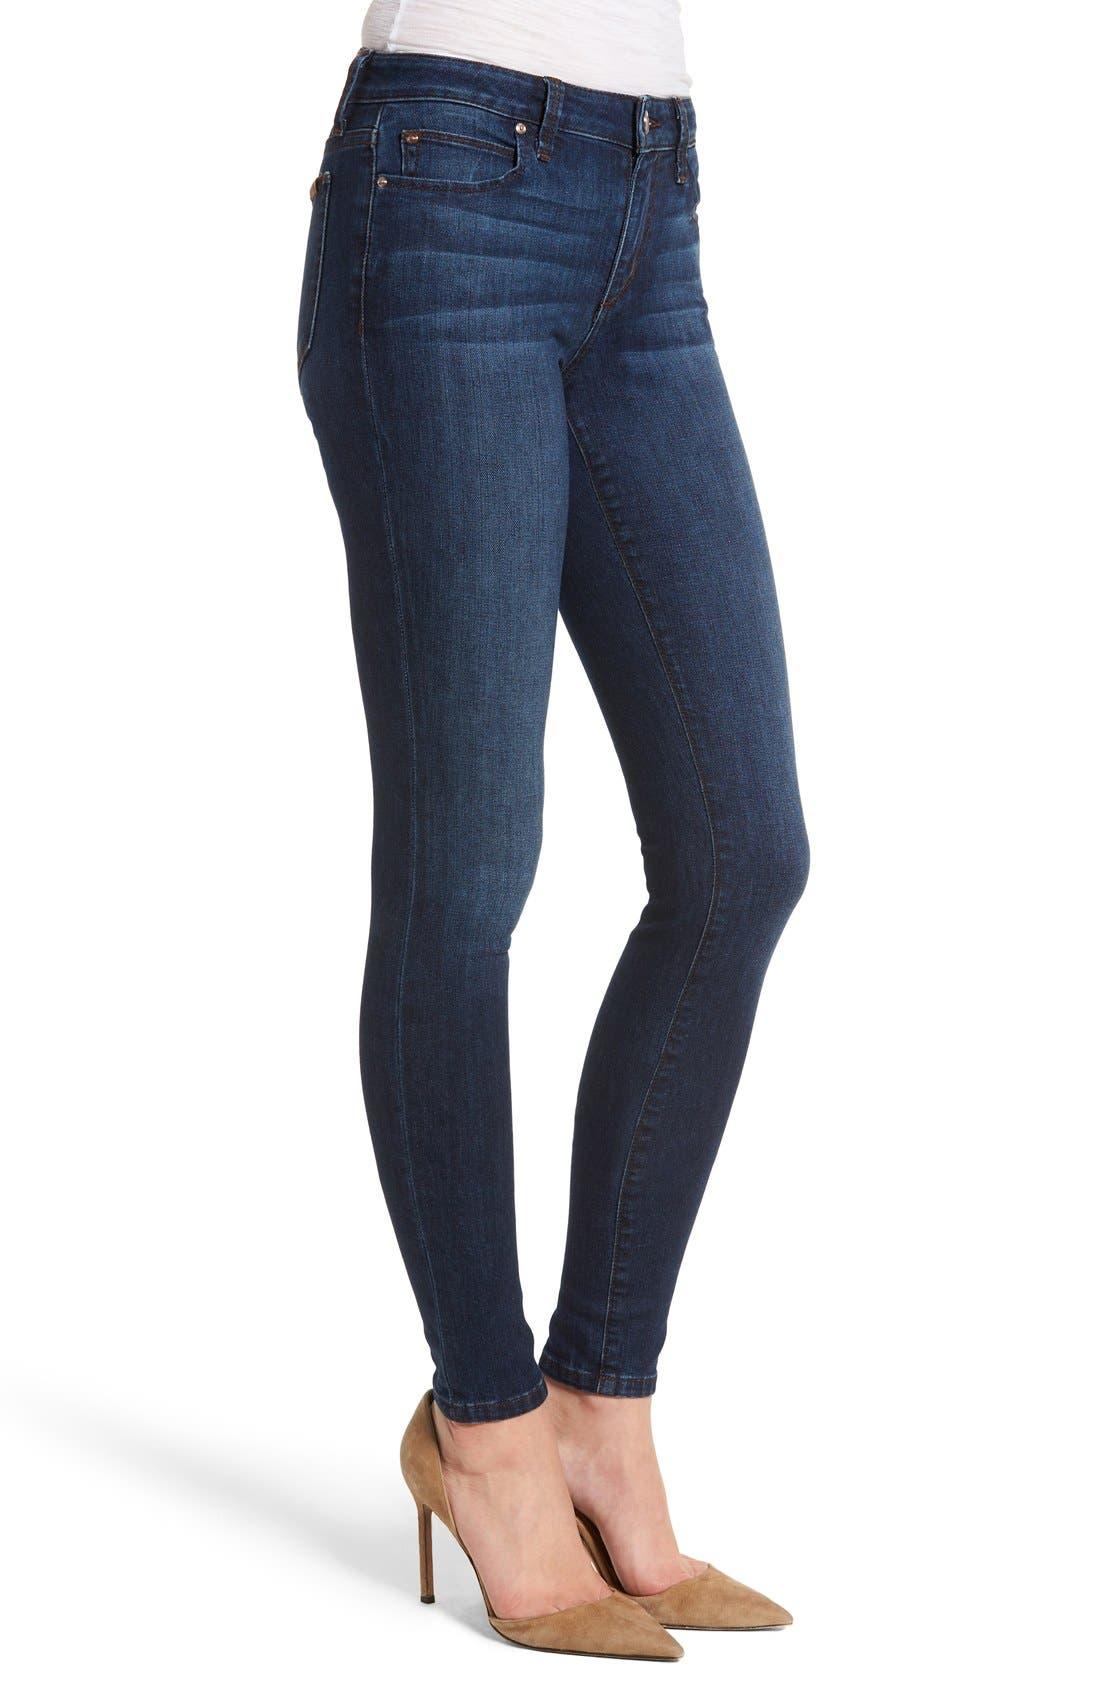 Honey Skinny Jeans,                             Alternate thumbnail 2, color,                             410